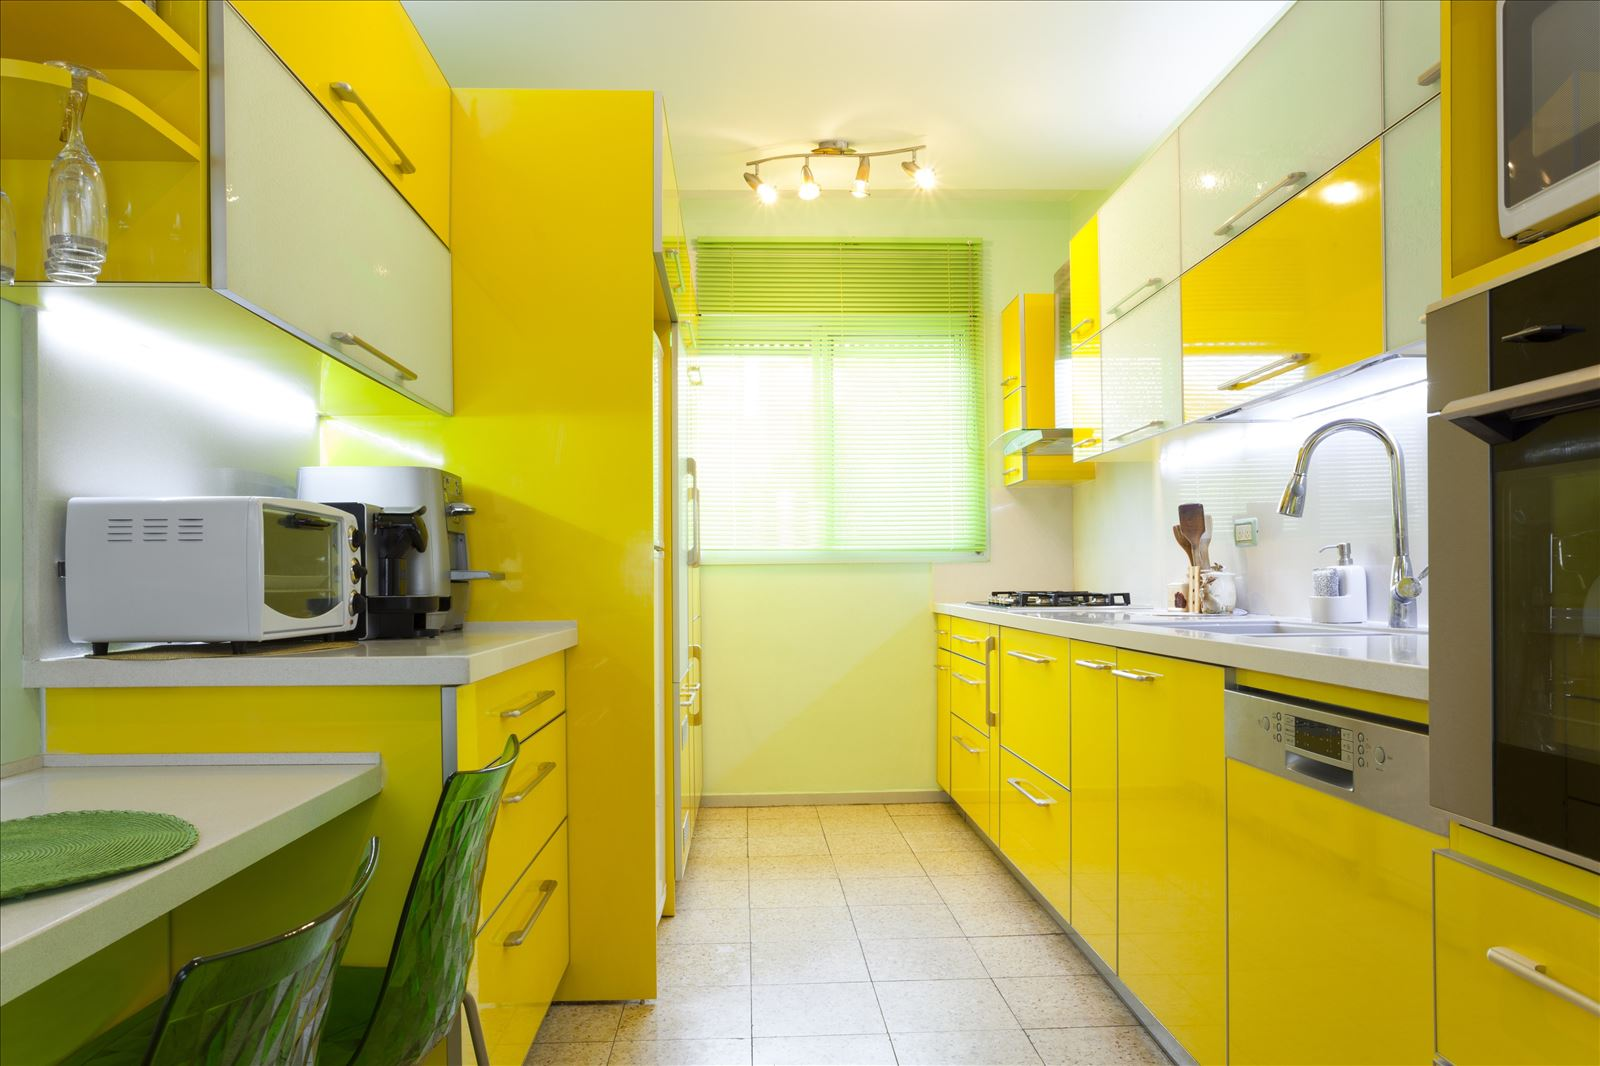 Желто-зеленая узкая кухня